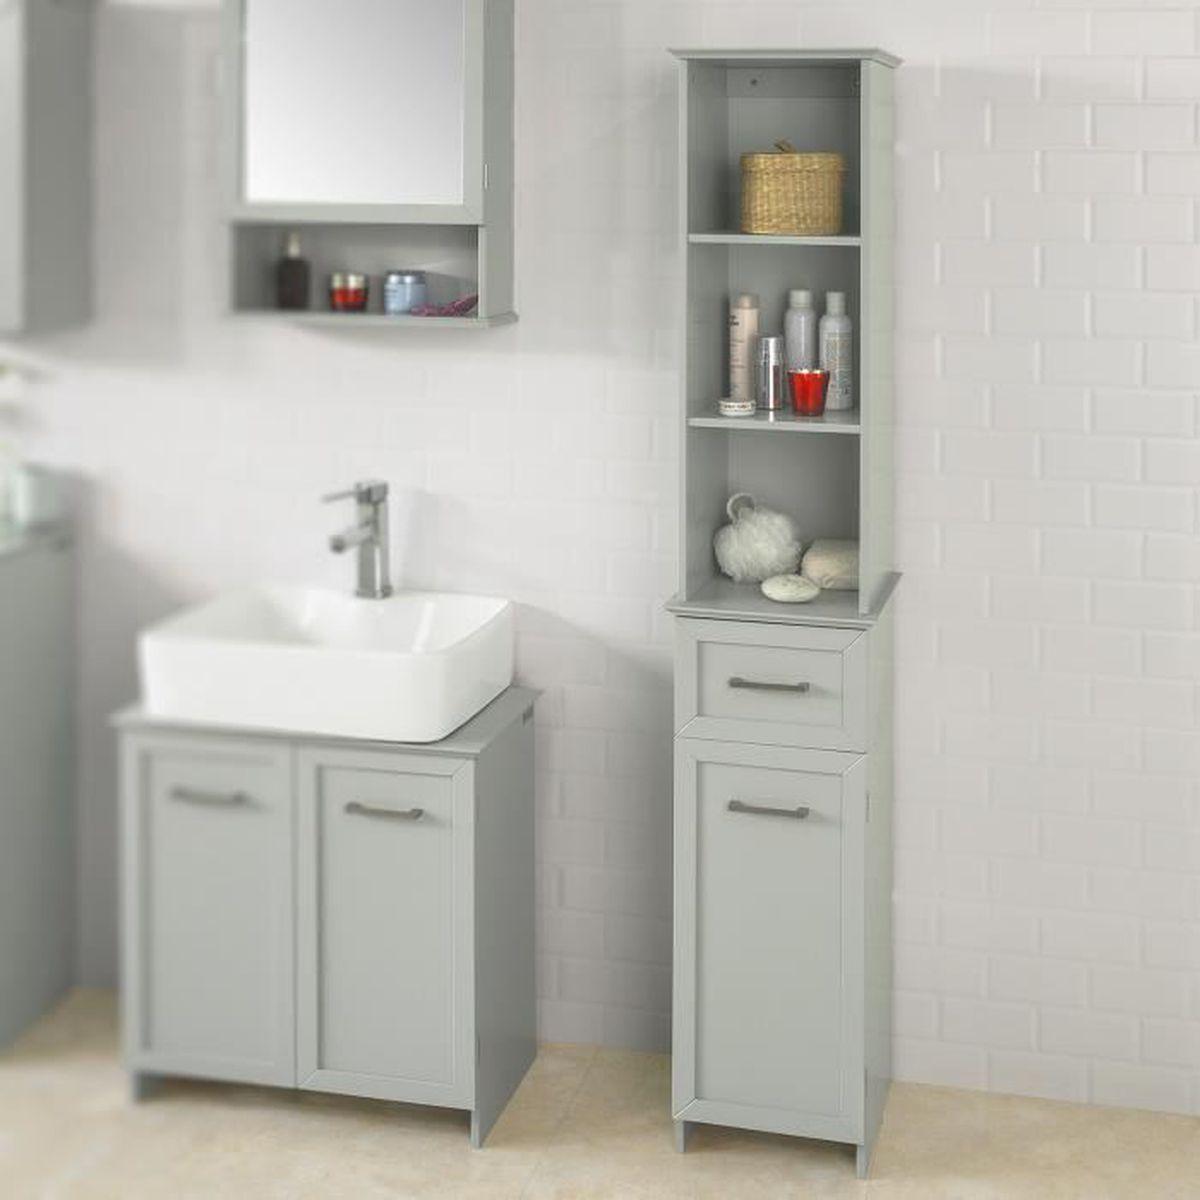 Rangement salle de bain colonne gris